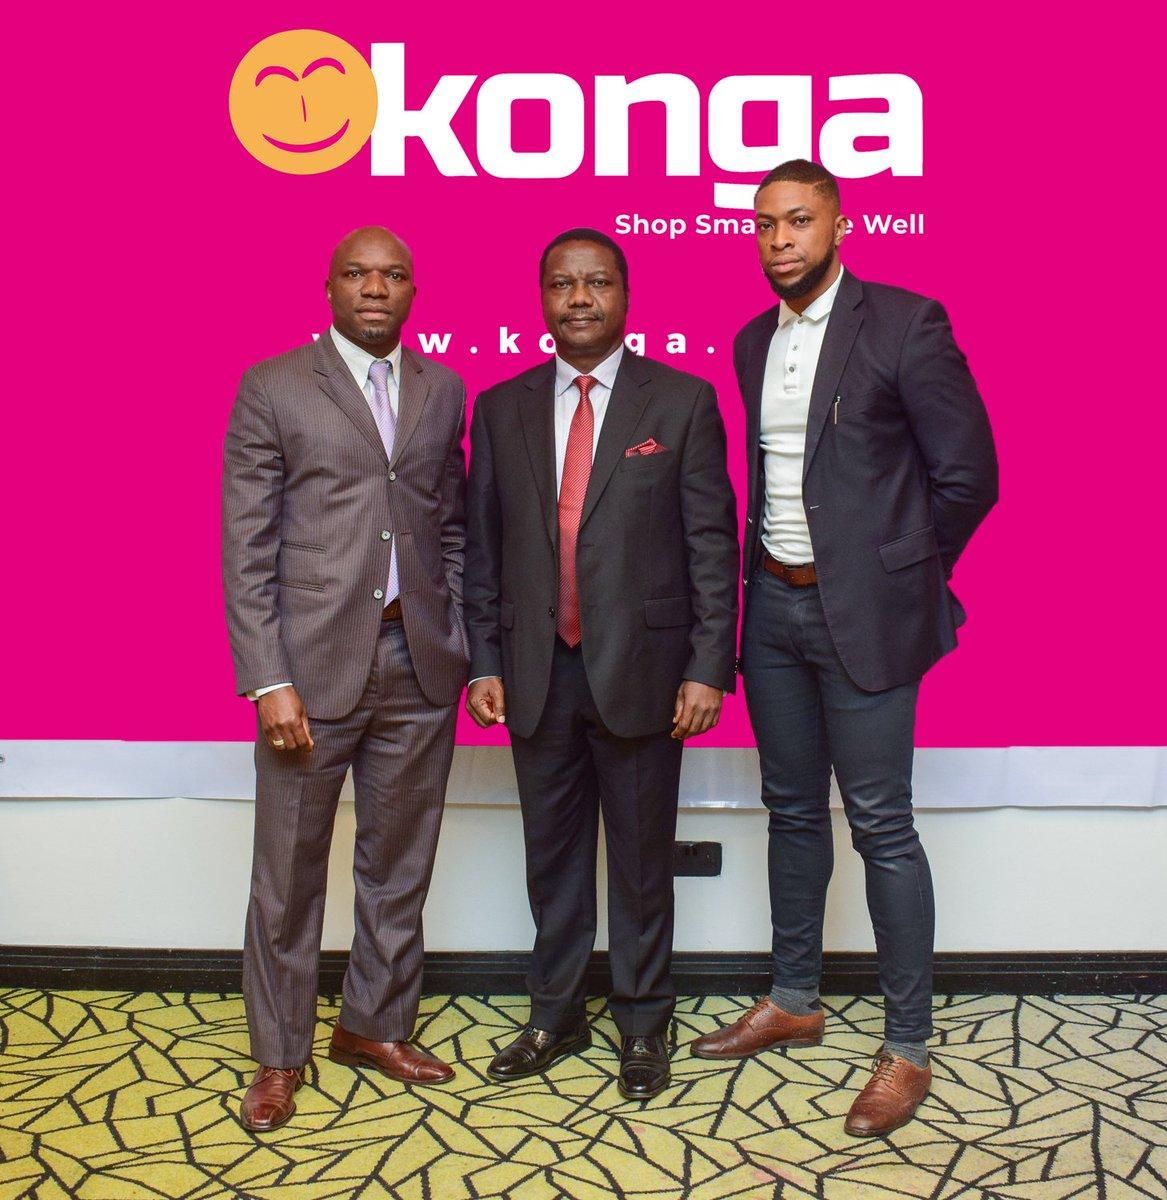 Konga and Yudala Merger Together